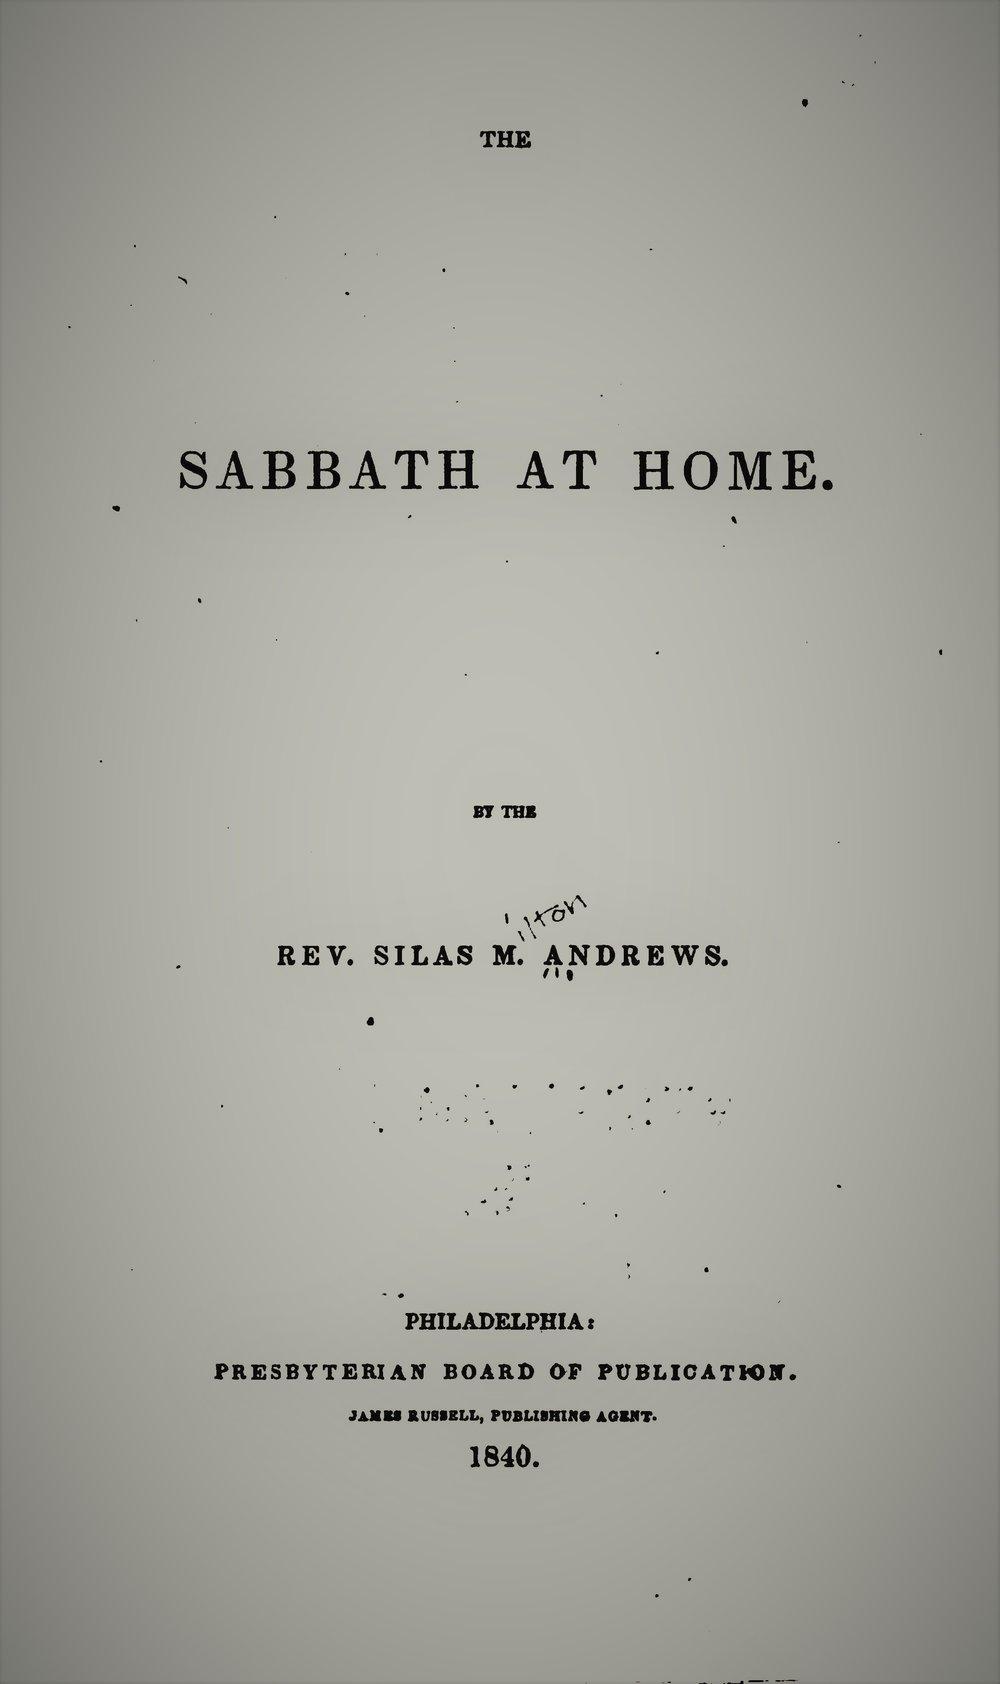 Andrews, Silas - Sabbath at Home.jpg